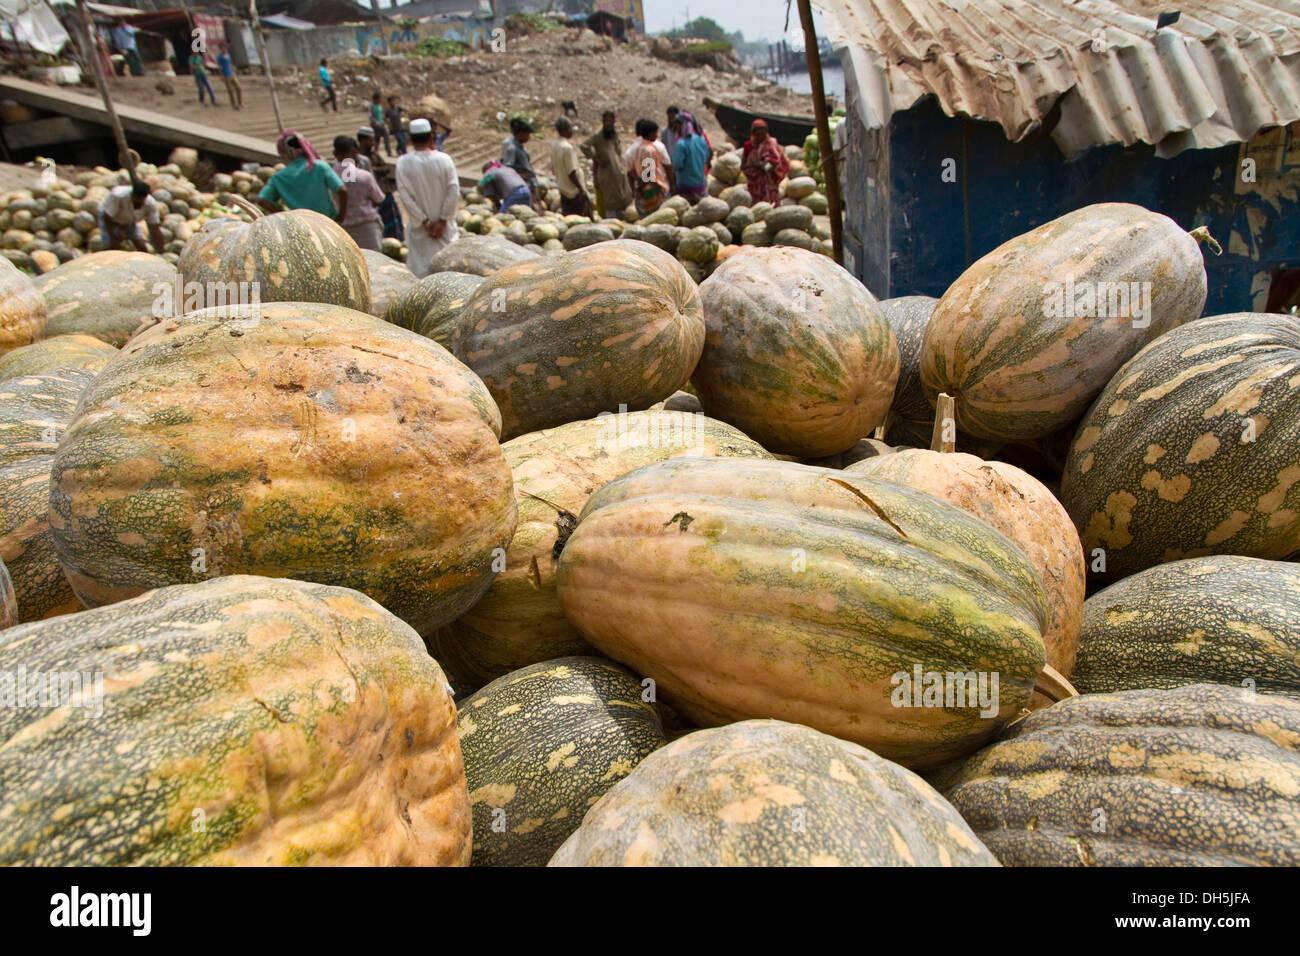 Pumpkins on a pile on the banks of the Buriganga river, Dhaka, Bangladesh, South Asia - Stock Image